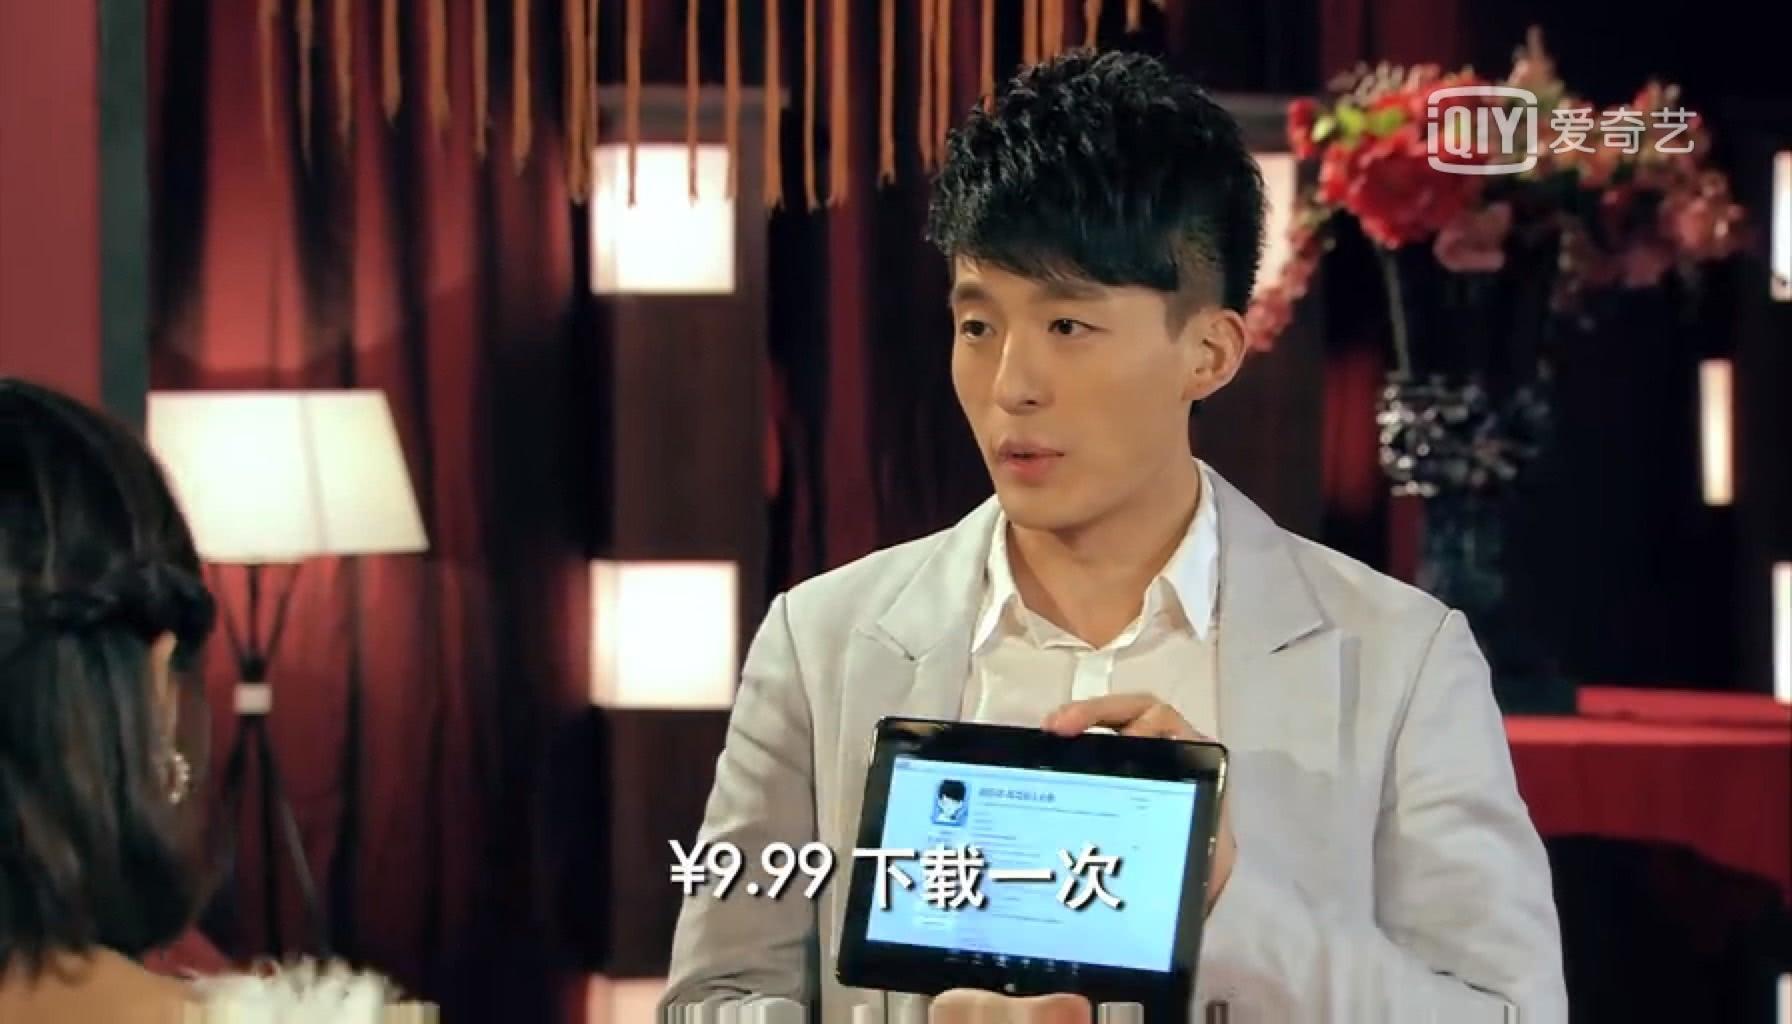 曾小贤在《爱情公寓》里说了一句假话,多年后终于被观众发现了